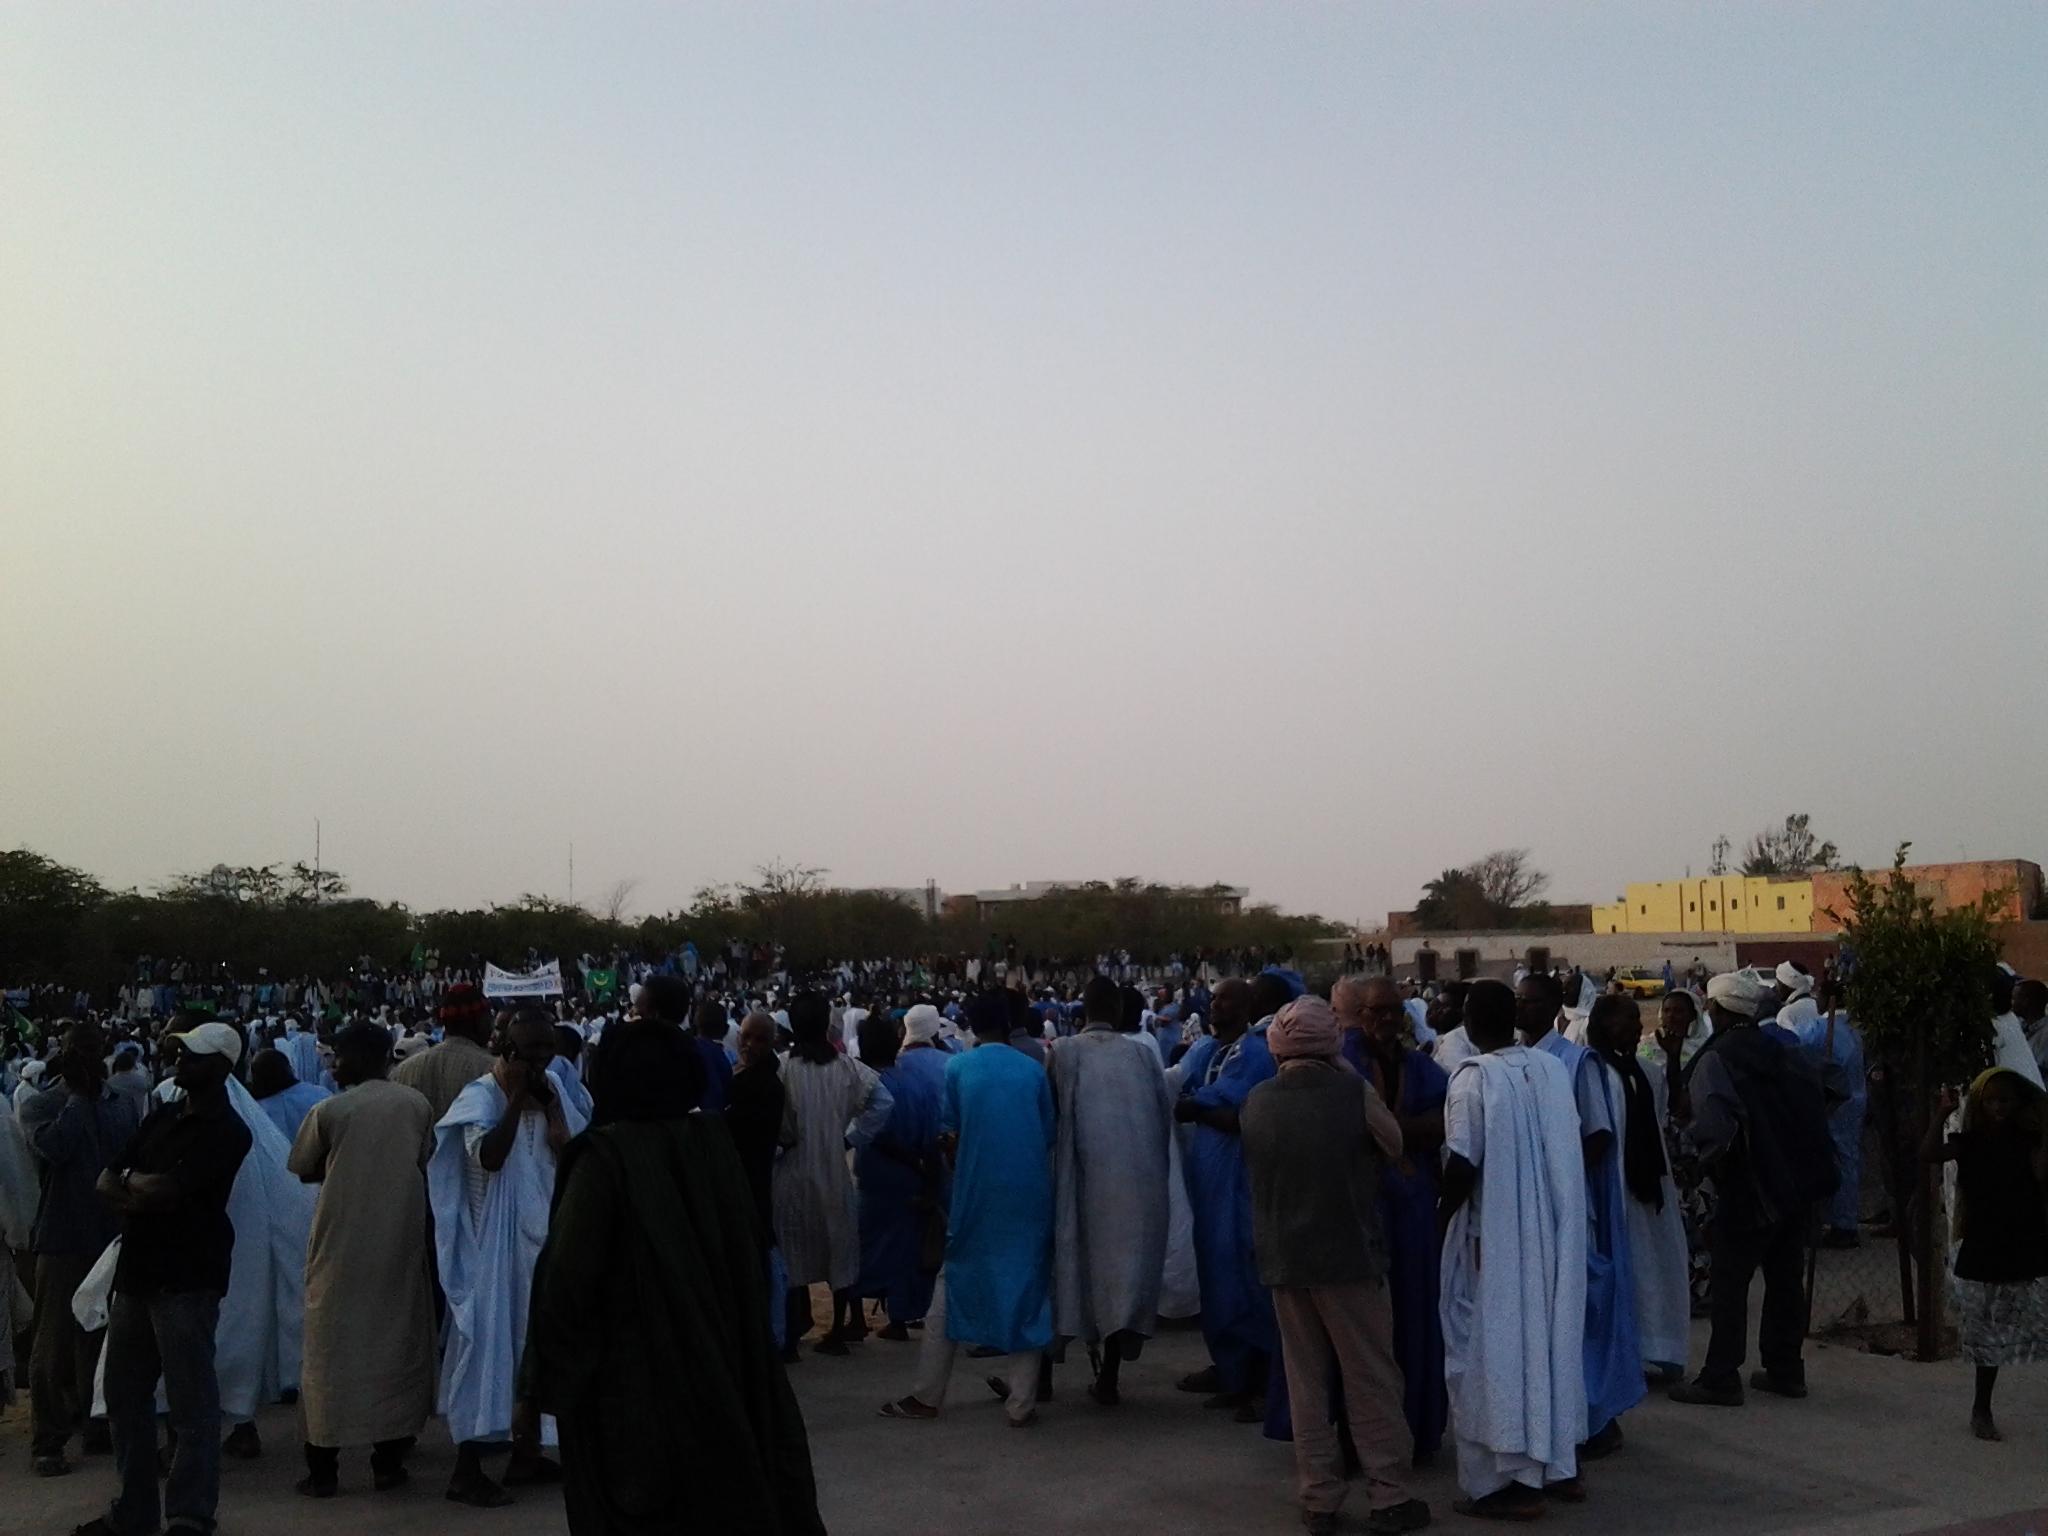 صورة من المهرجان الذي اختتمت به المسيرة-تصويرأحمد ولد جدو